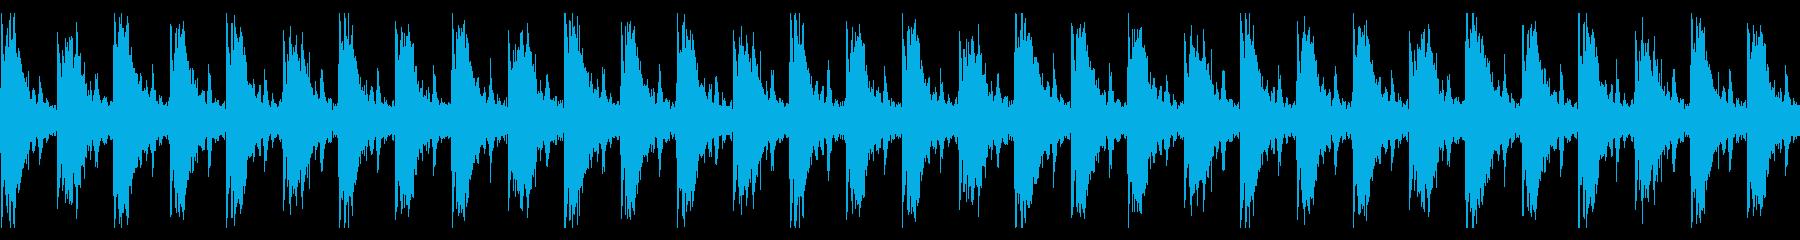 ピタゴラスイッチ風のBGM《鼓笛隊》の再生済みの波形